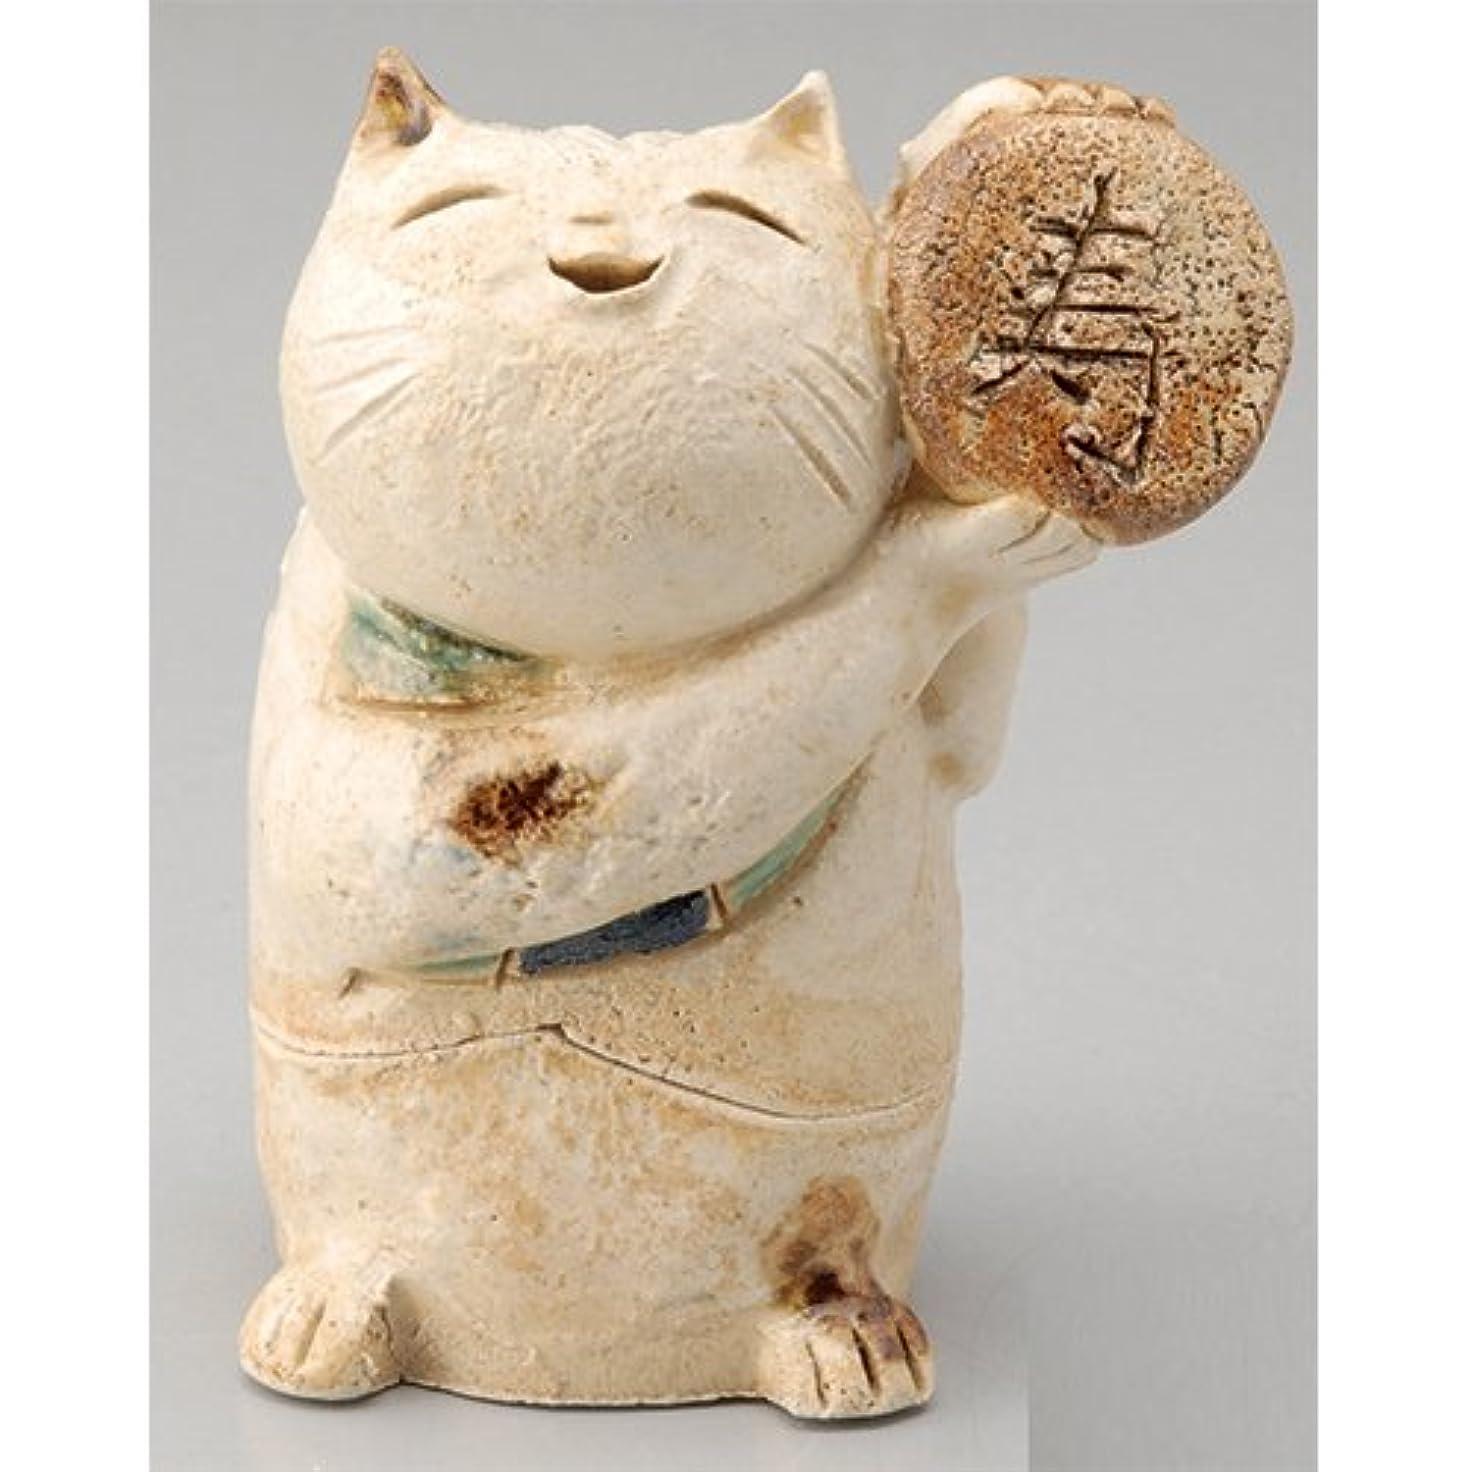 生じる宇宙飛行士重要な役割を果たす、中心的な手段となる香炉 ごえん猫 香炉(寿) [H8cm] HANDMADE プレゼント ギフト 和食器 かわいい インテリア